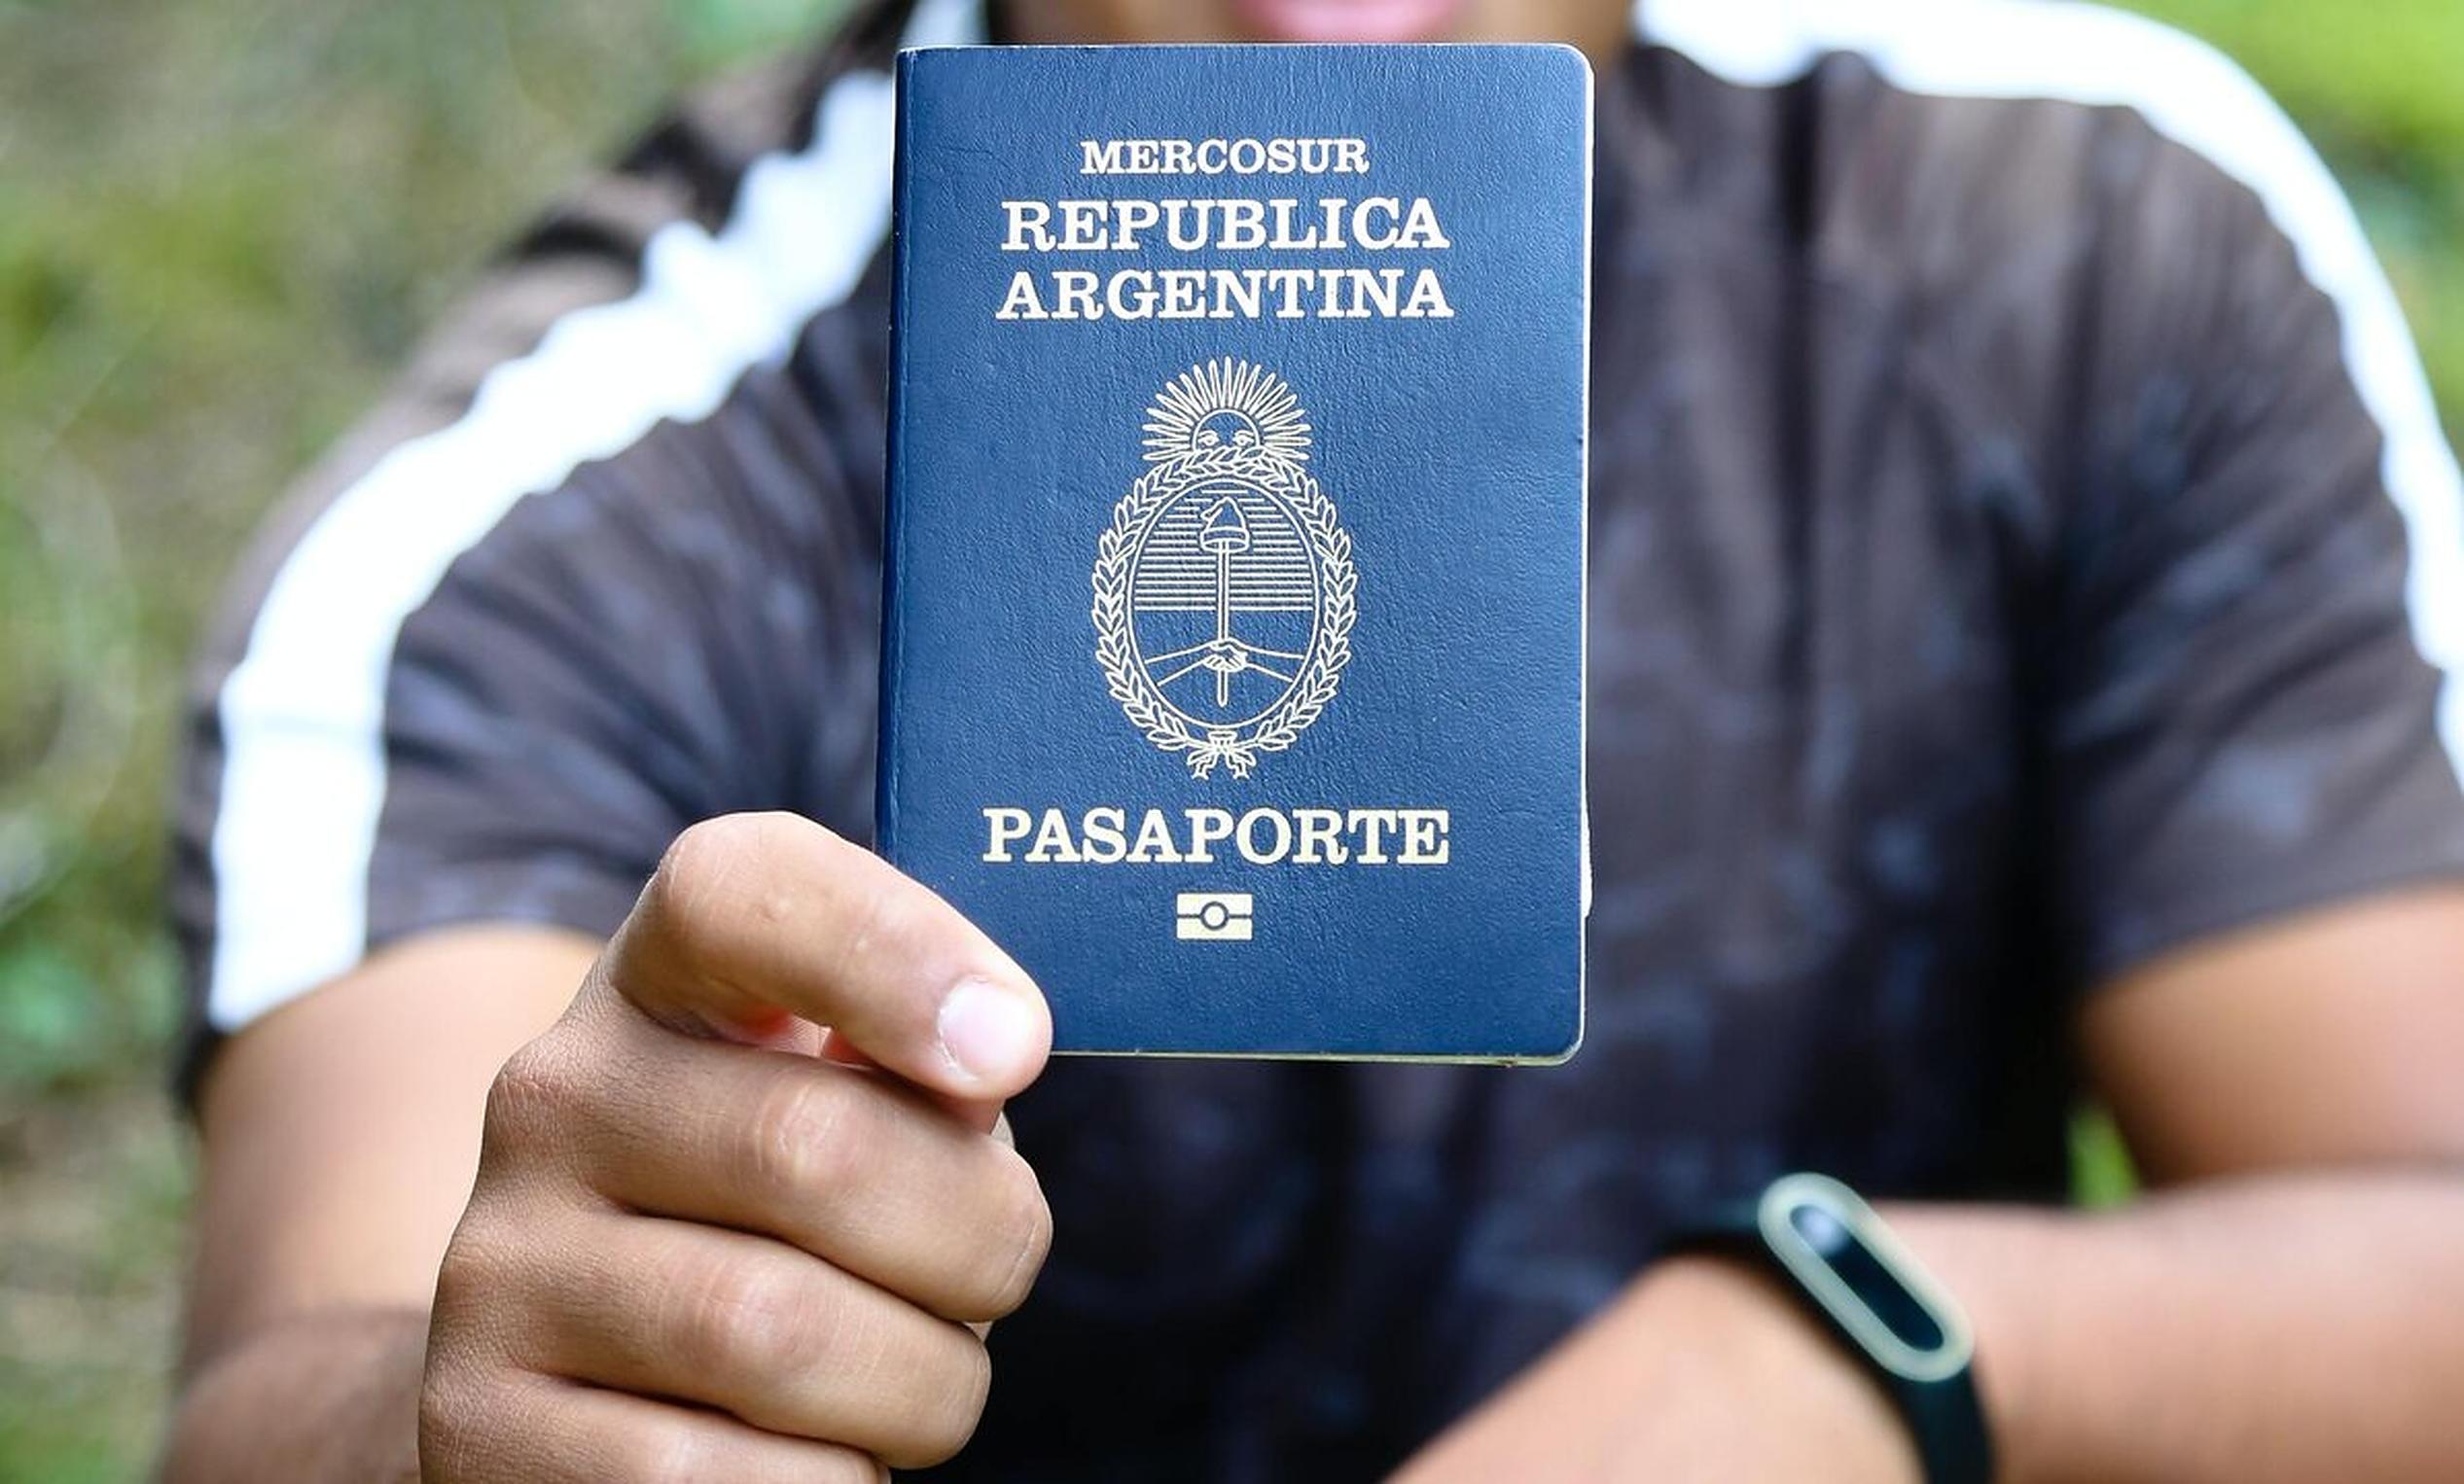 Bărbat, femeie, sau X. Argentina emite pașapoarte pentru persoanele non-binare, anunță președintele Alberto Fernandez